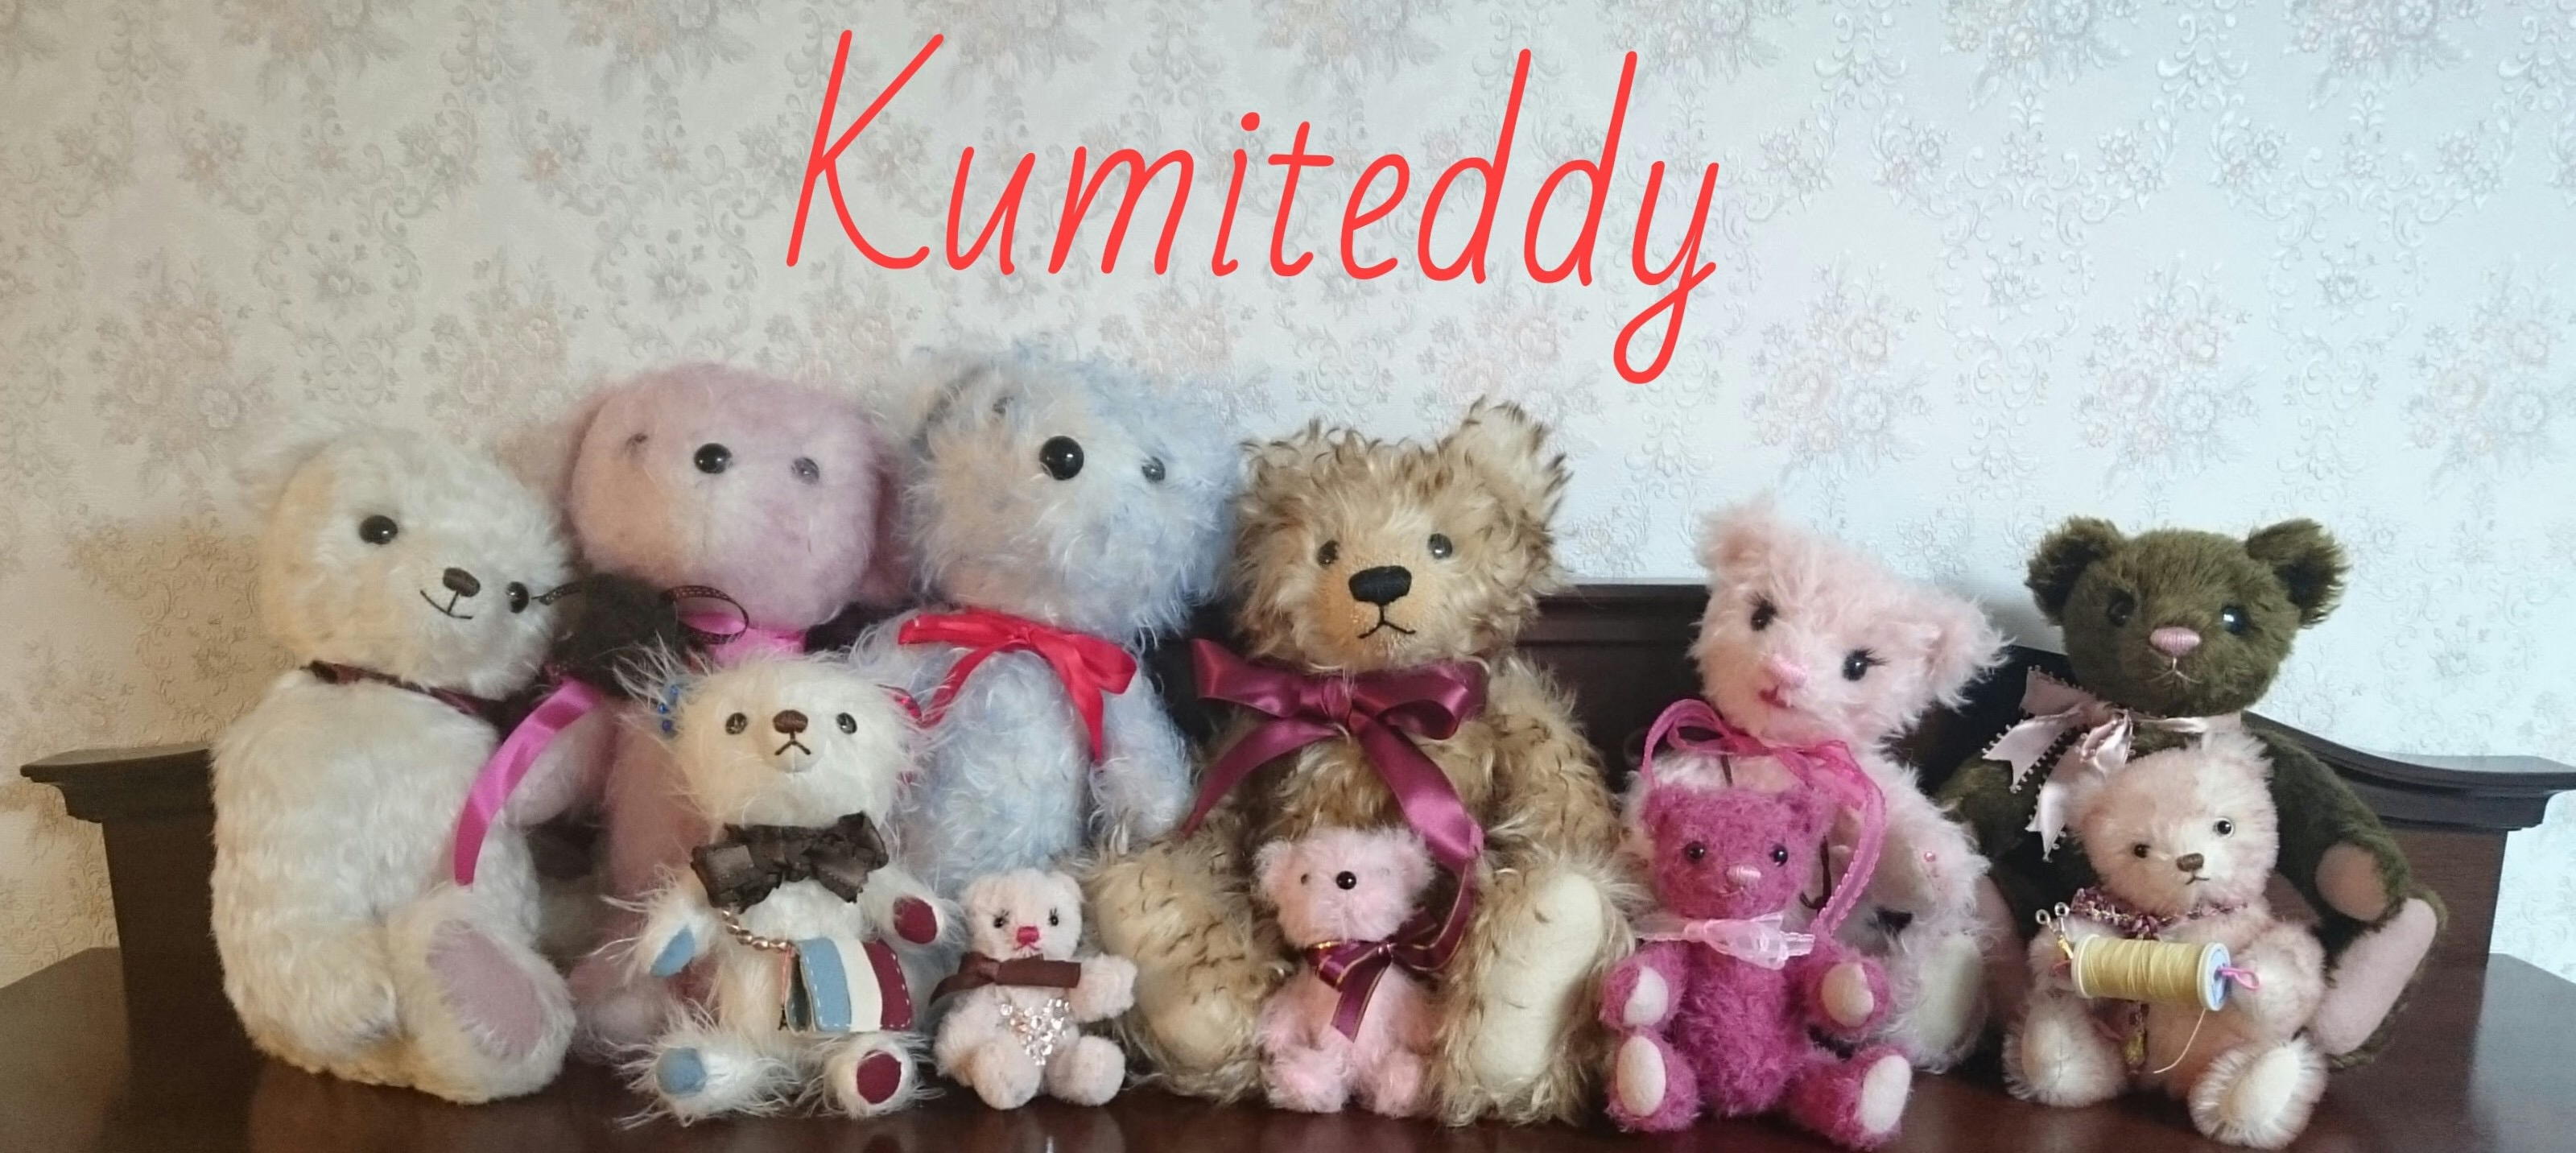 kumiteddy